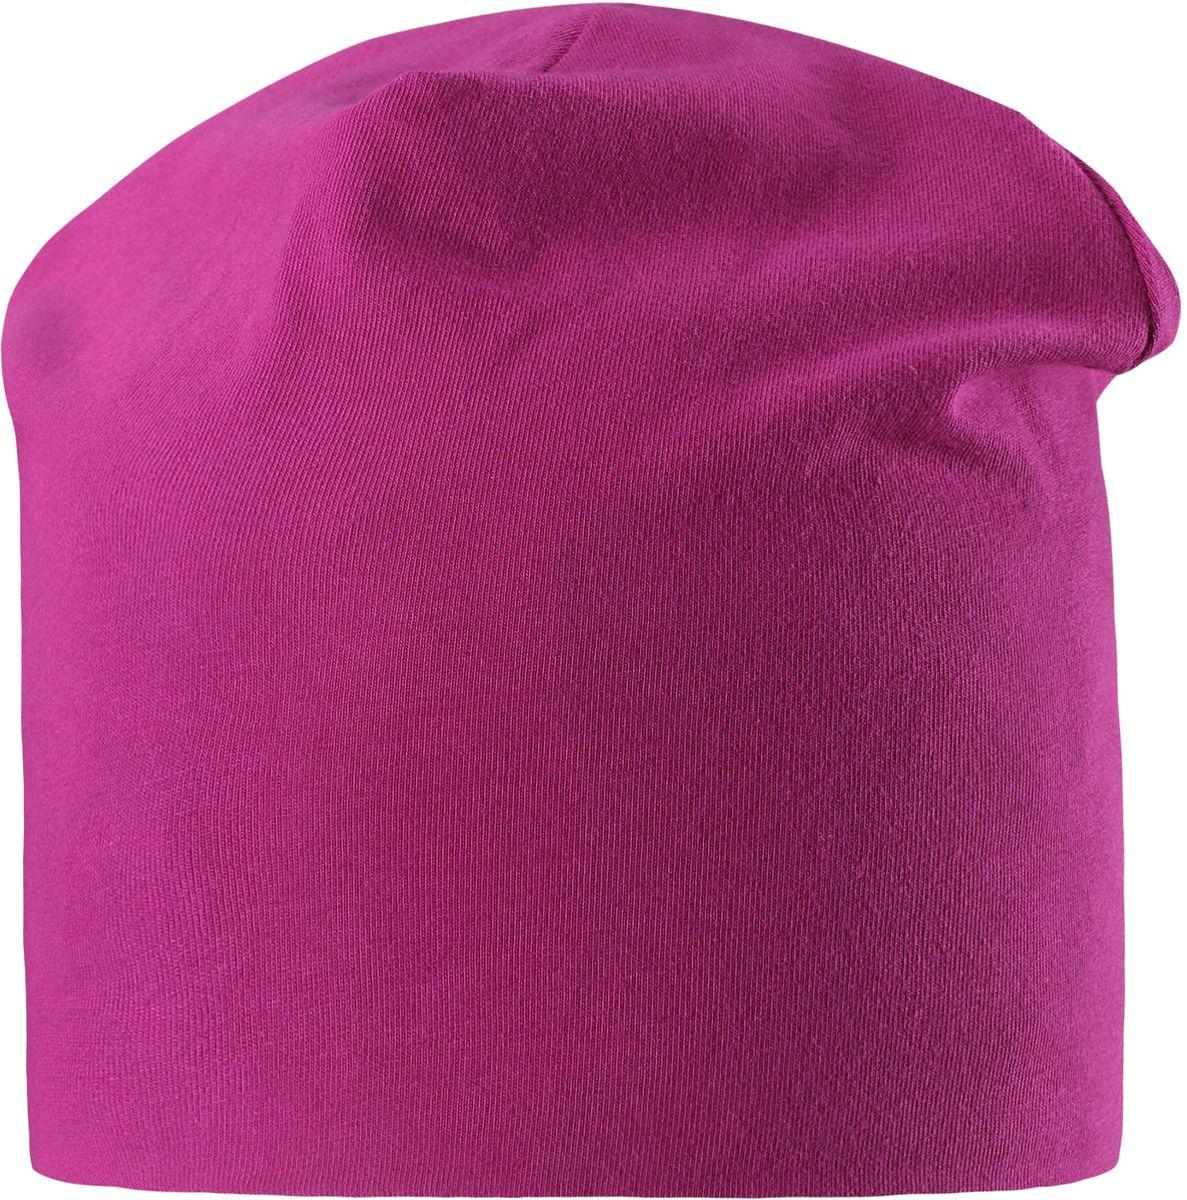 Шапка для девочки Lassie, цвет: фуксия. 7287044861. Размер 48/507287044861Легкая и удобная детская шапка в нескольких вариантах разных однотонных расцветок и ярких принтов. Шапка сделана из легкого и дышащего джерси на полной трикотажной подкладке из смеси хлопка и джерси. Ветронепроницаемые вставки в области ушей обеспечивают дополнительное утепление.